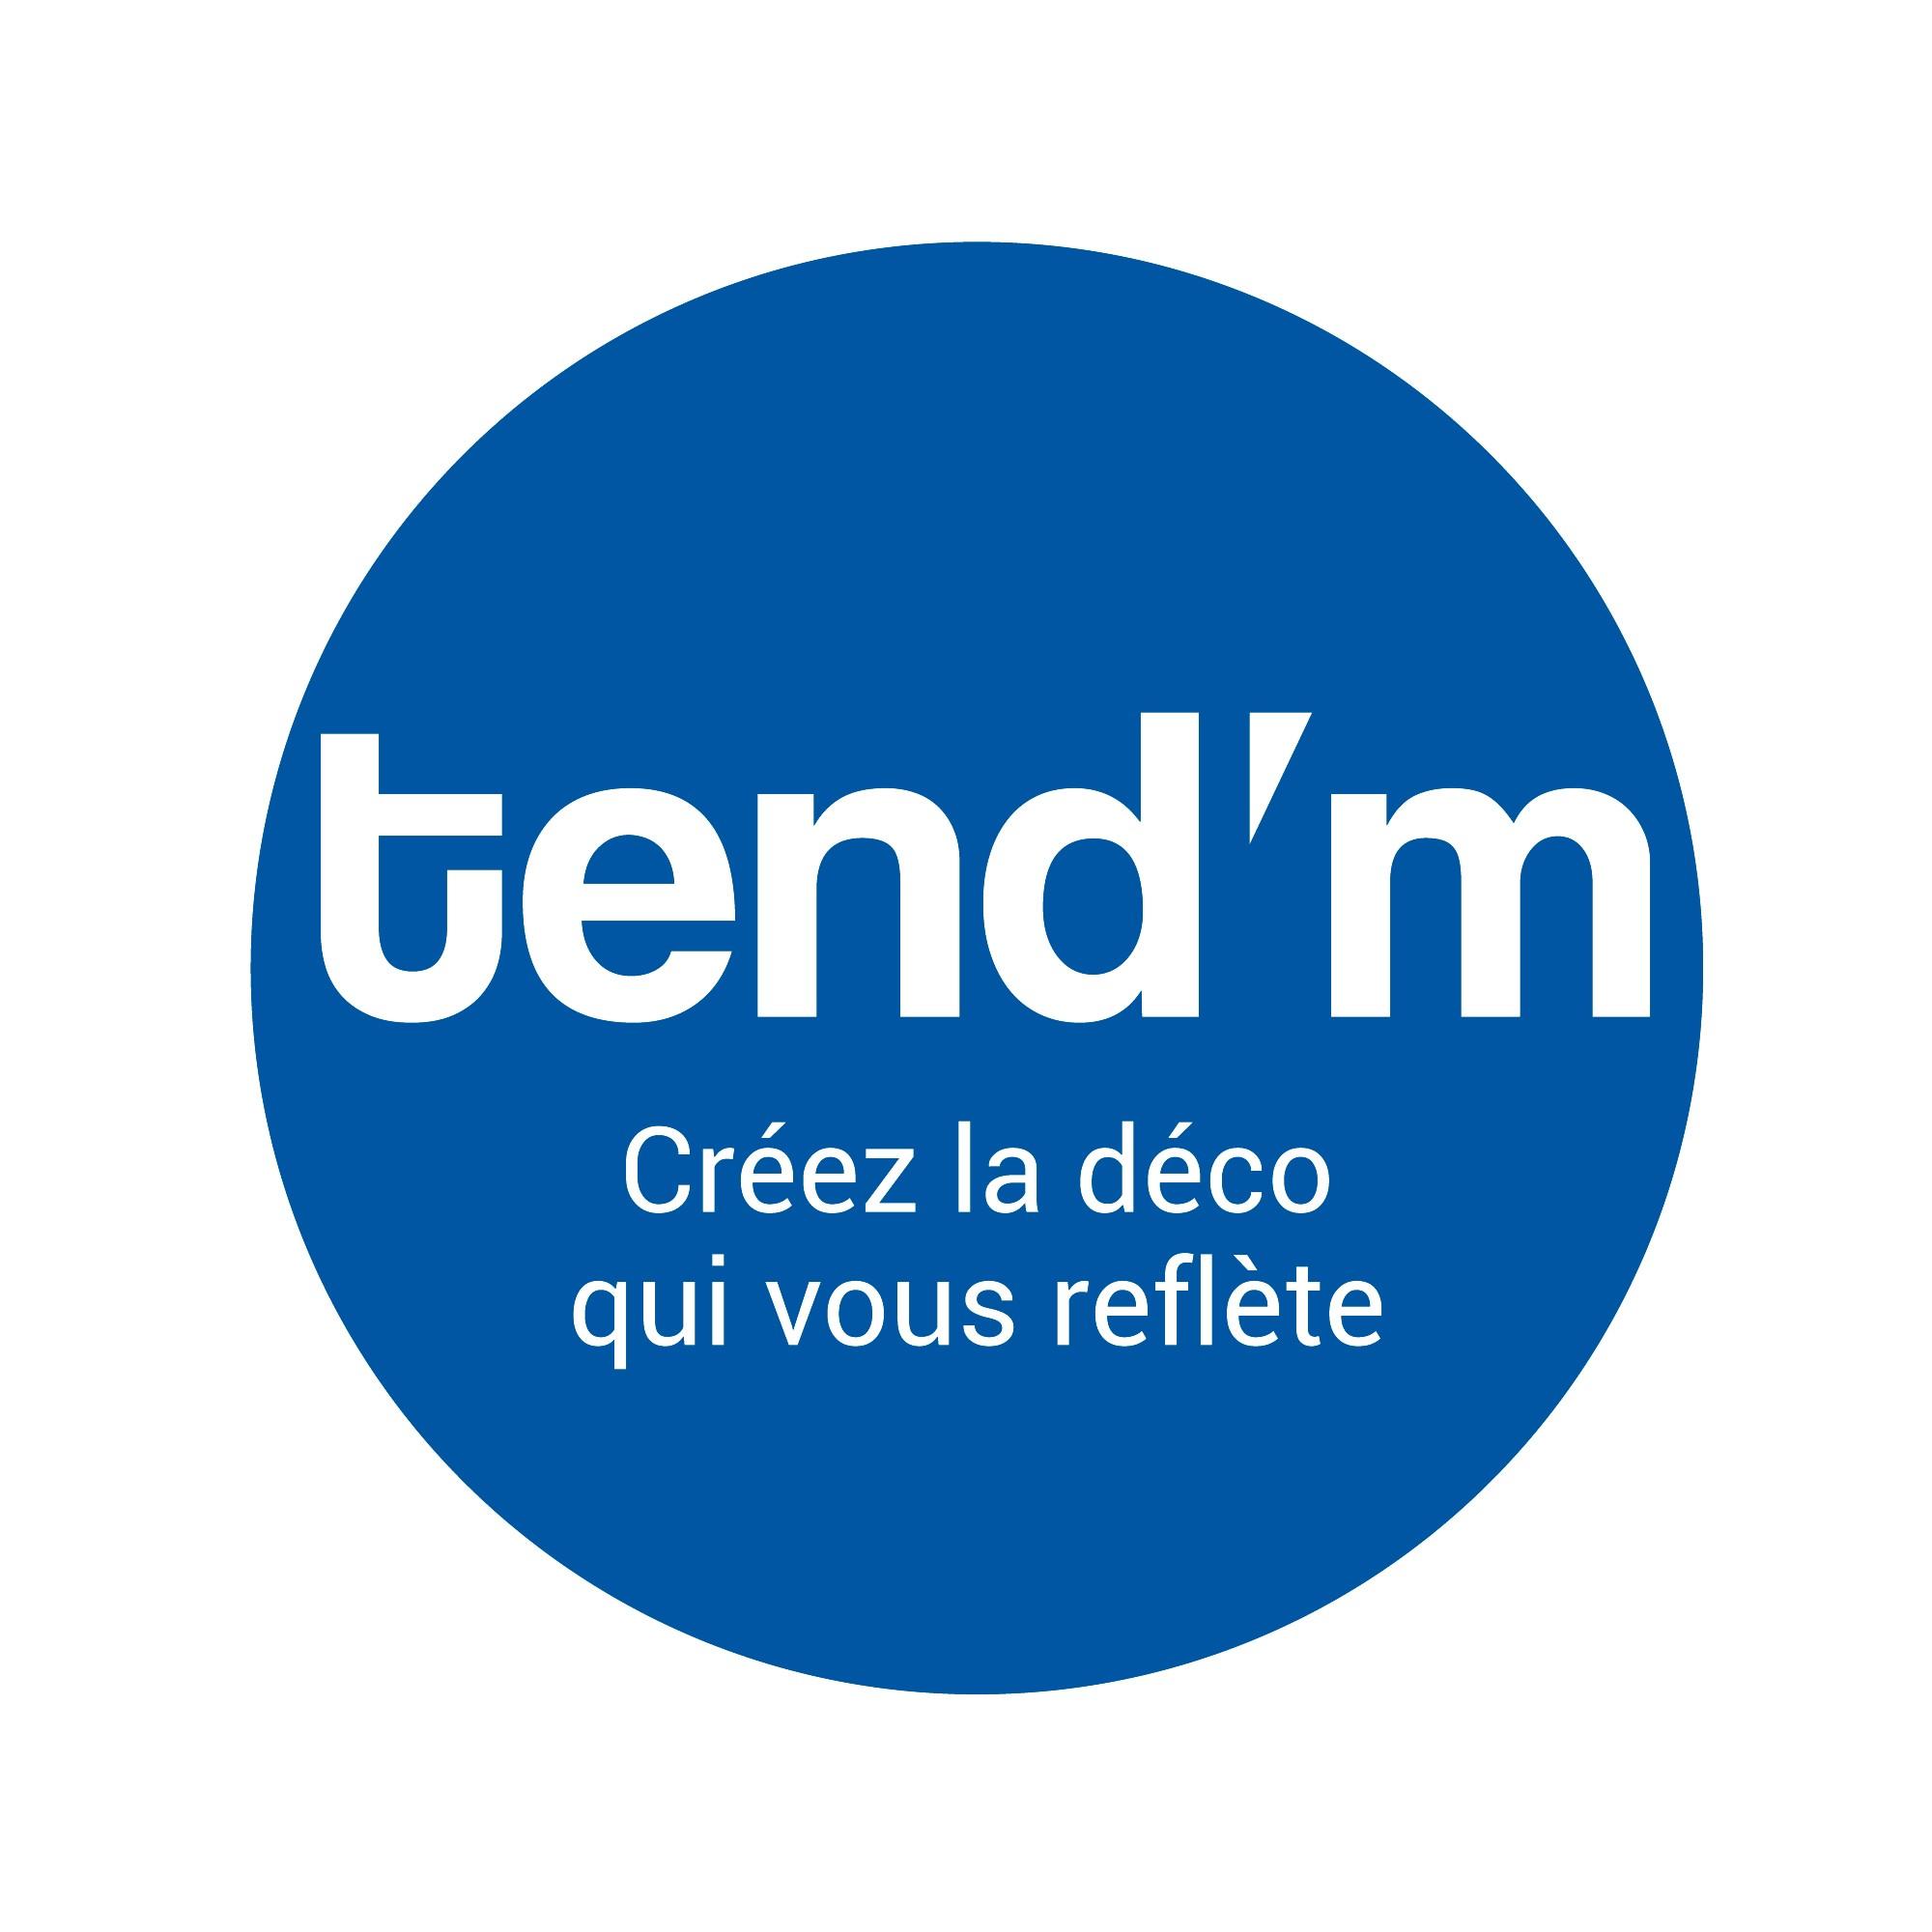 Tendance Miroir